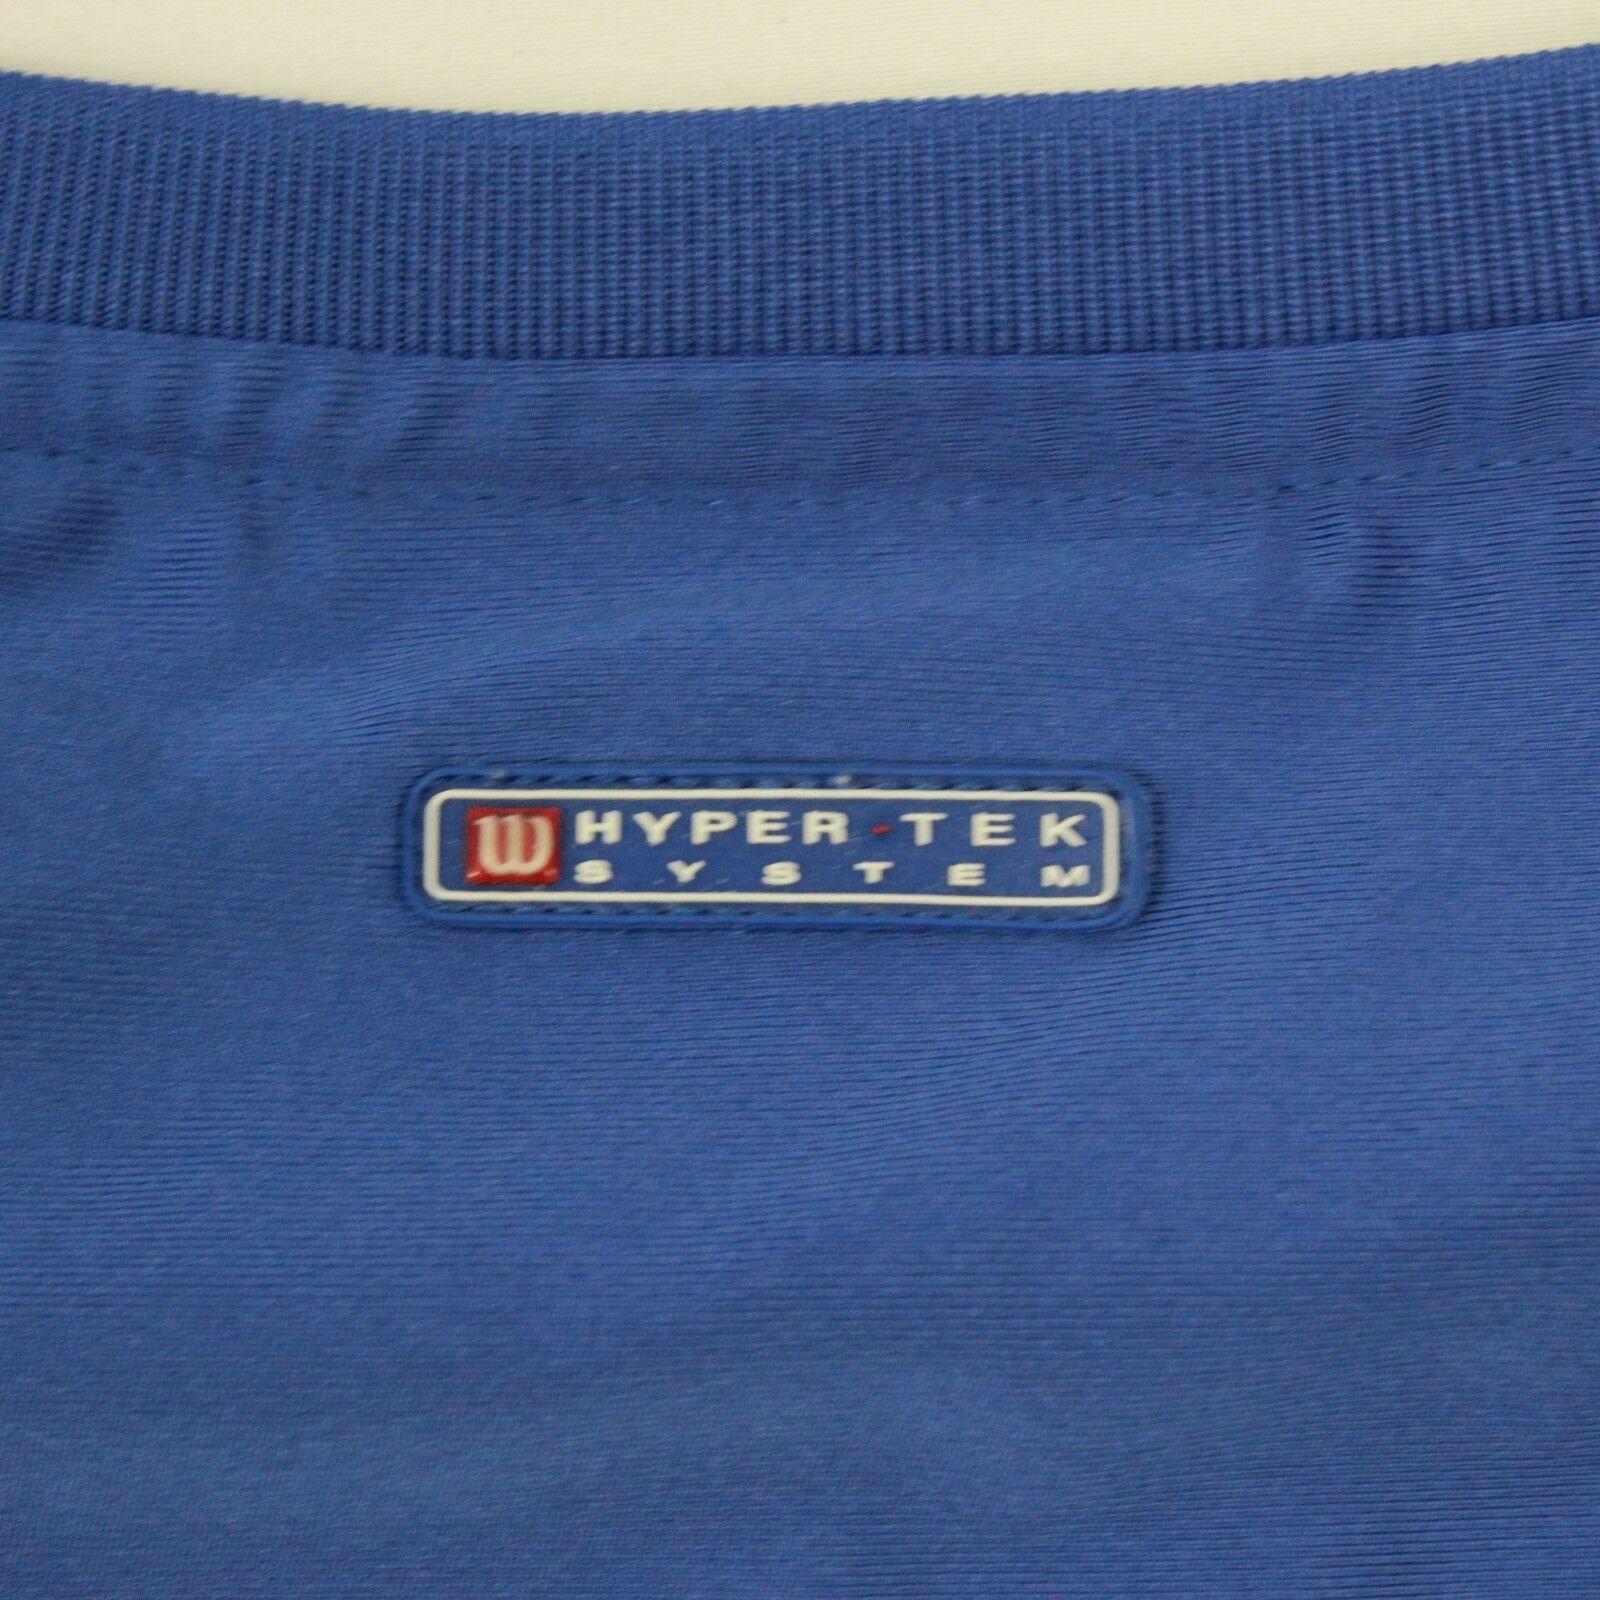 Wilson Hyper Tek Golf T-Shirt Erwachsene M Überdimensional Locker Sitzend Boca